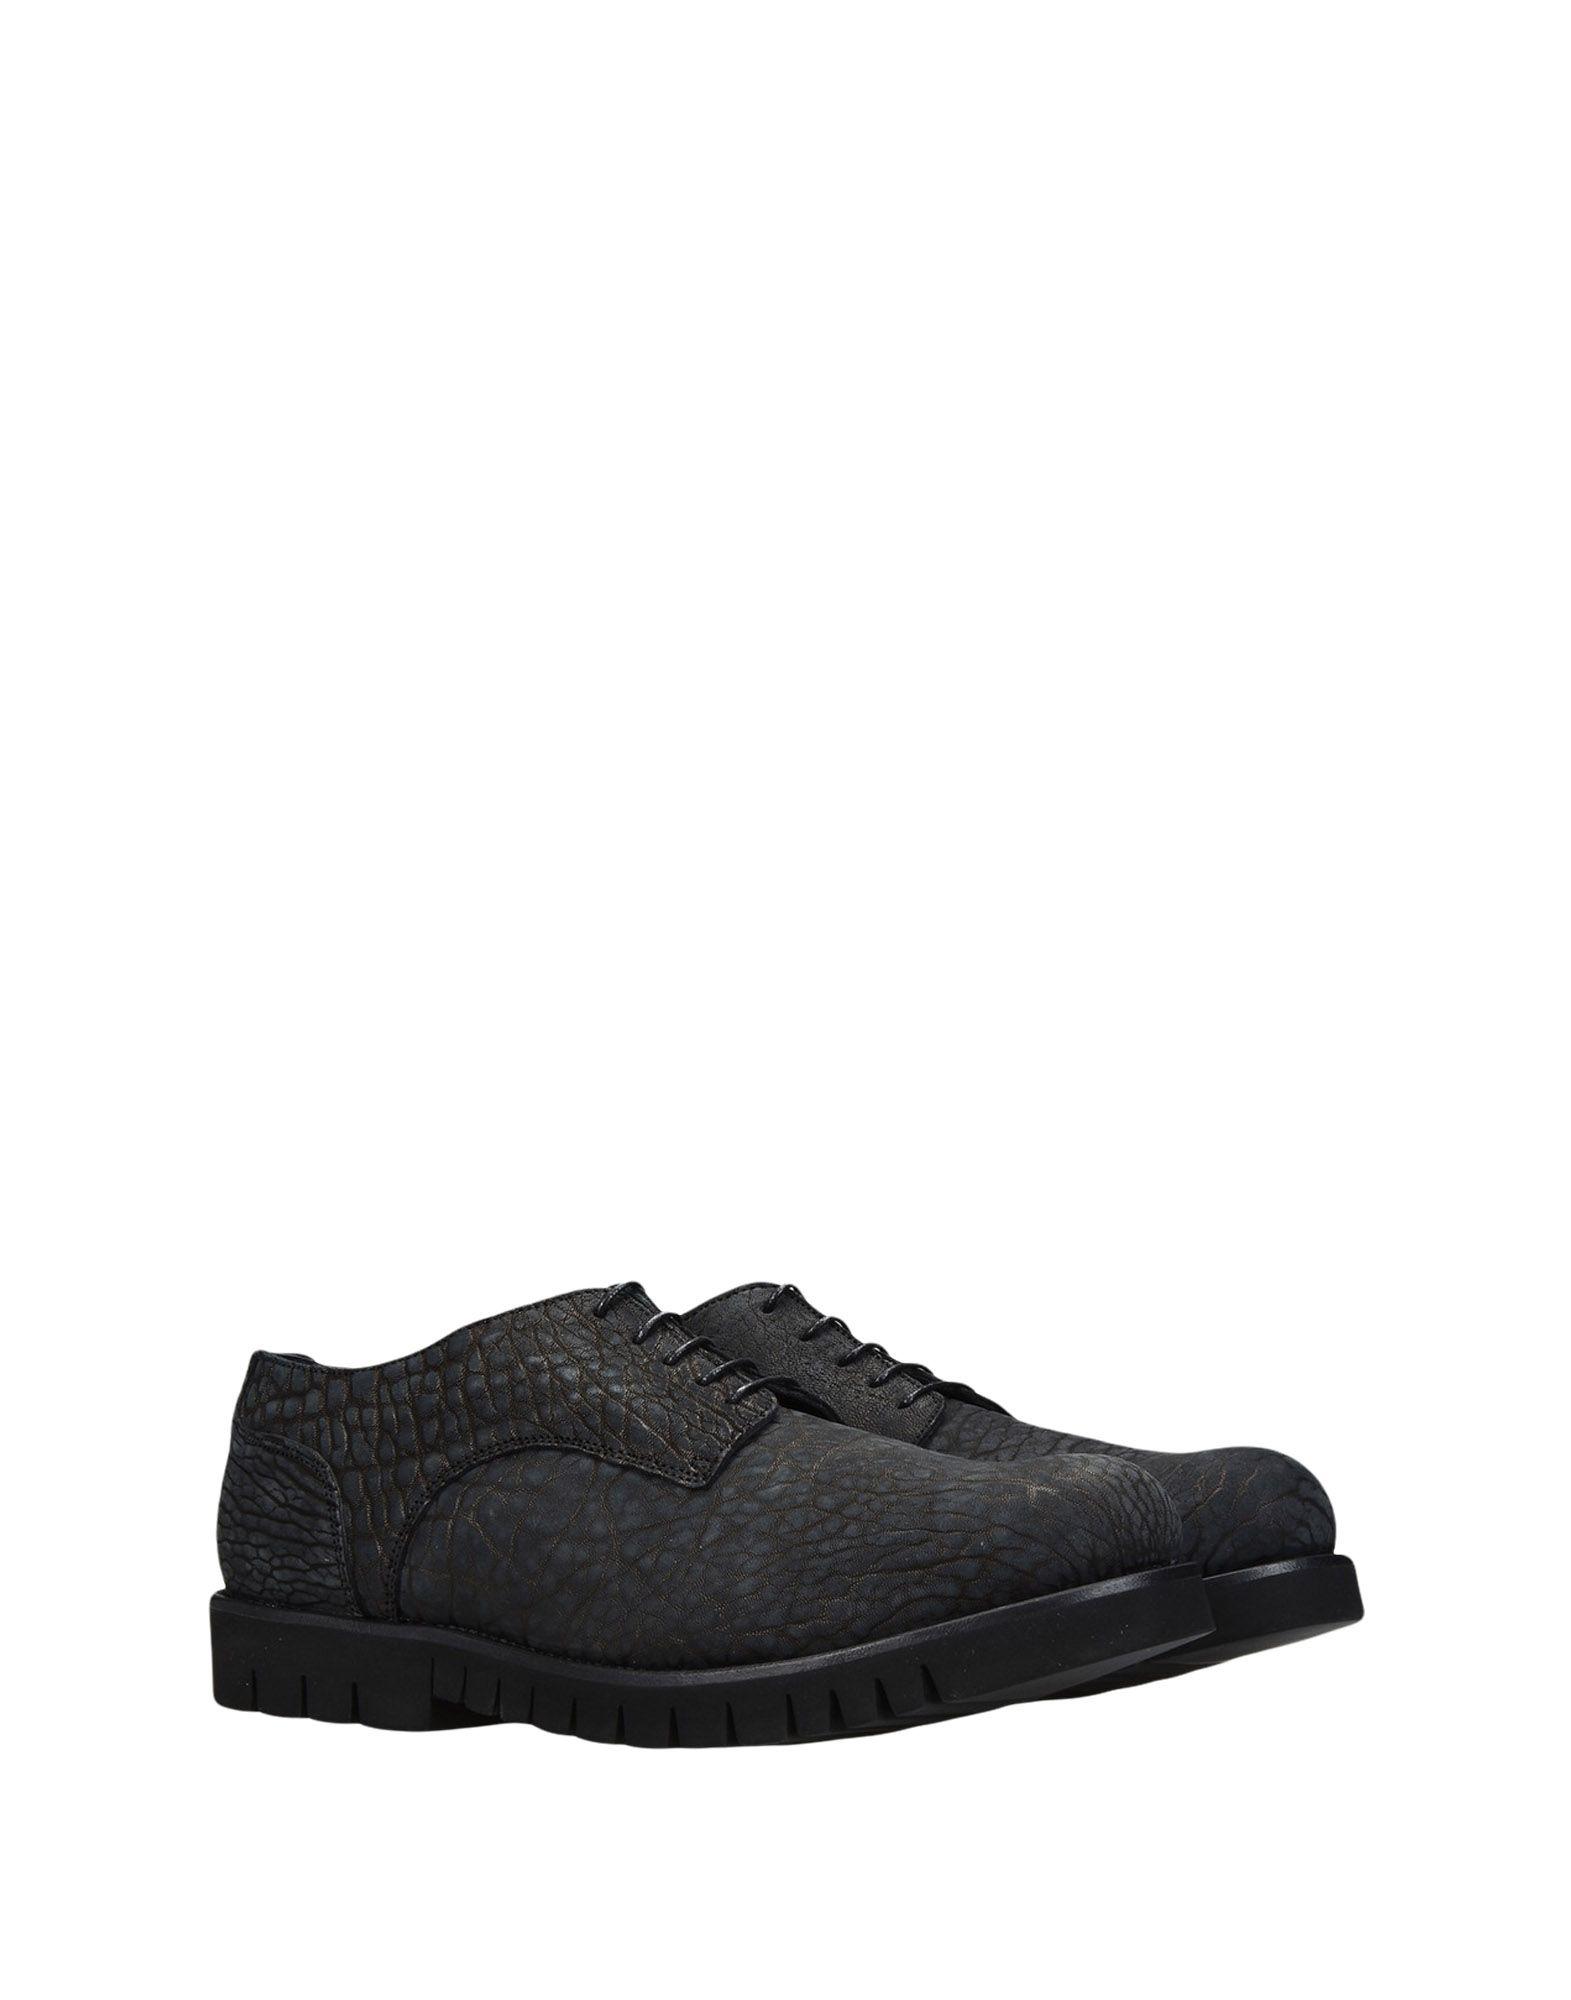 Sneakers Asylum Donna - 11548415TN Scarpe economiche e buone